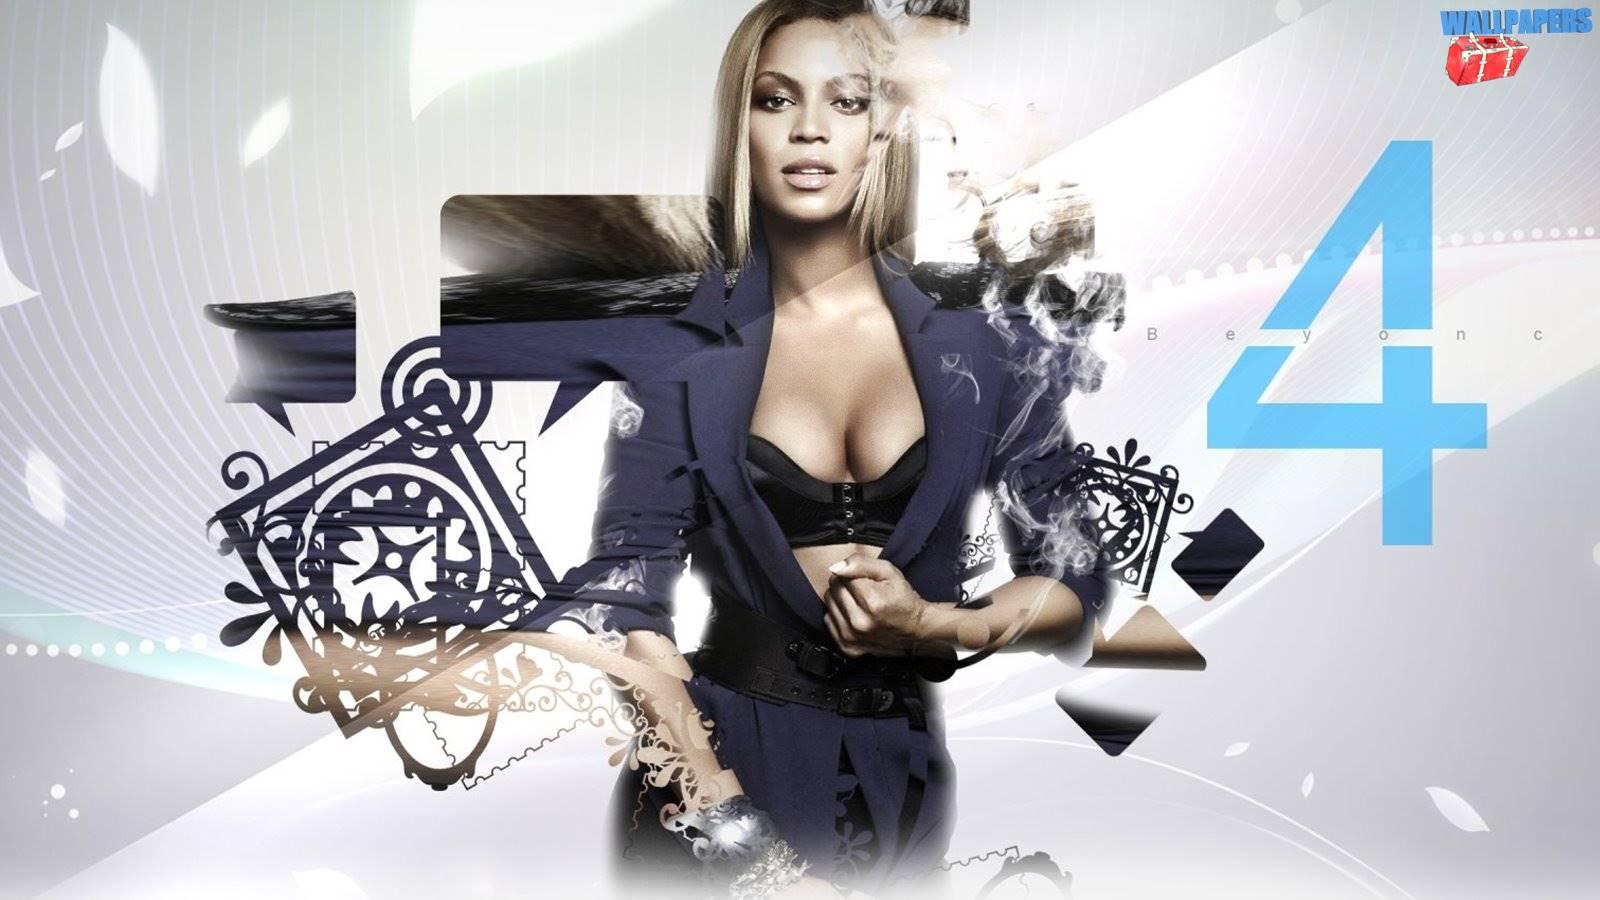 Beyonce Wallpaper 1600x900